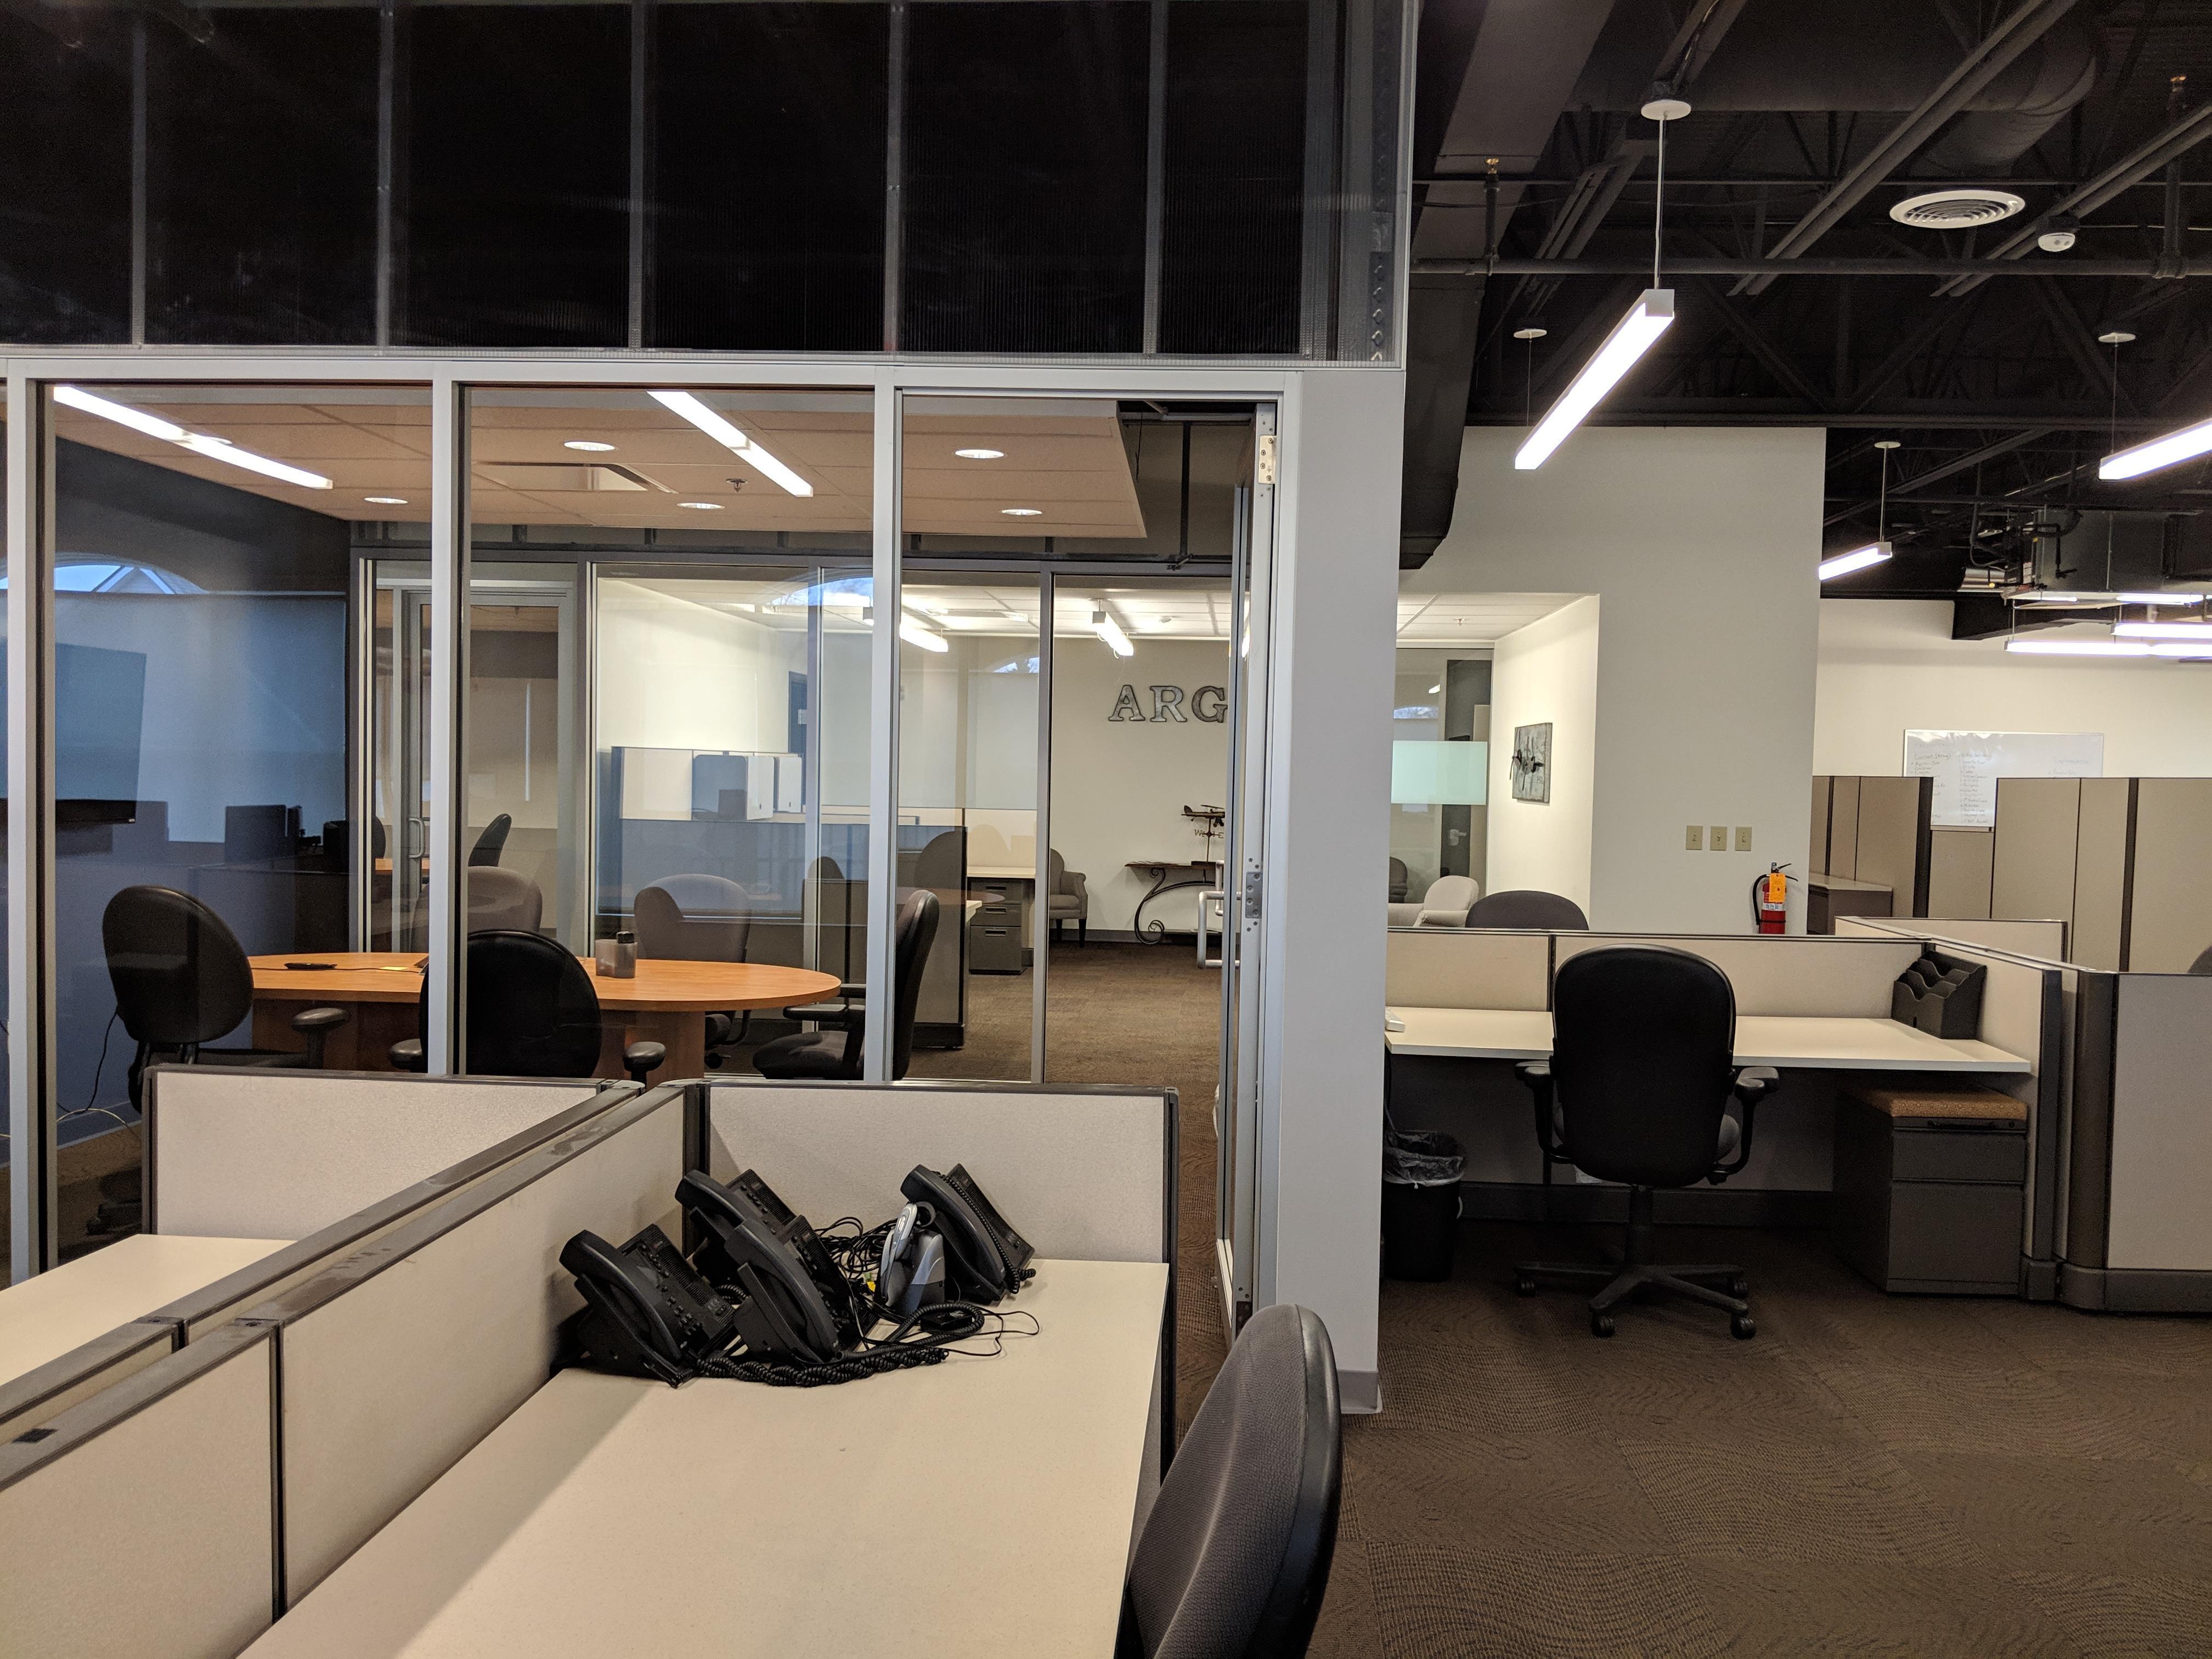 ARGUS - Desk